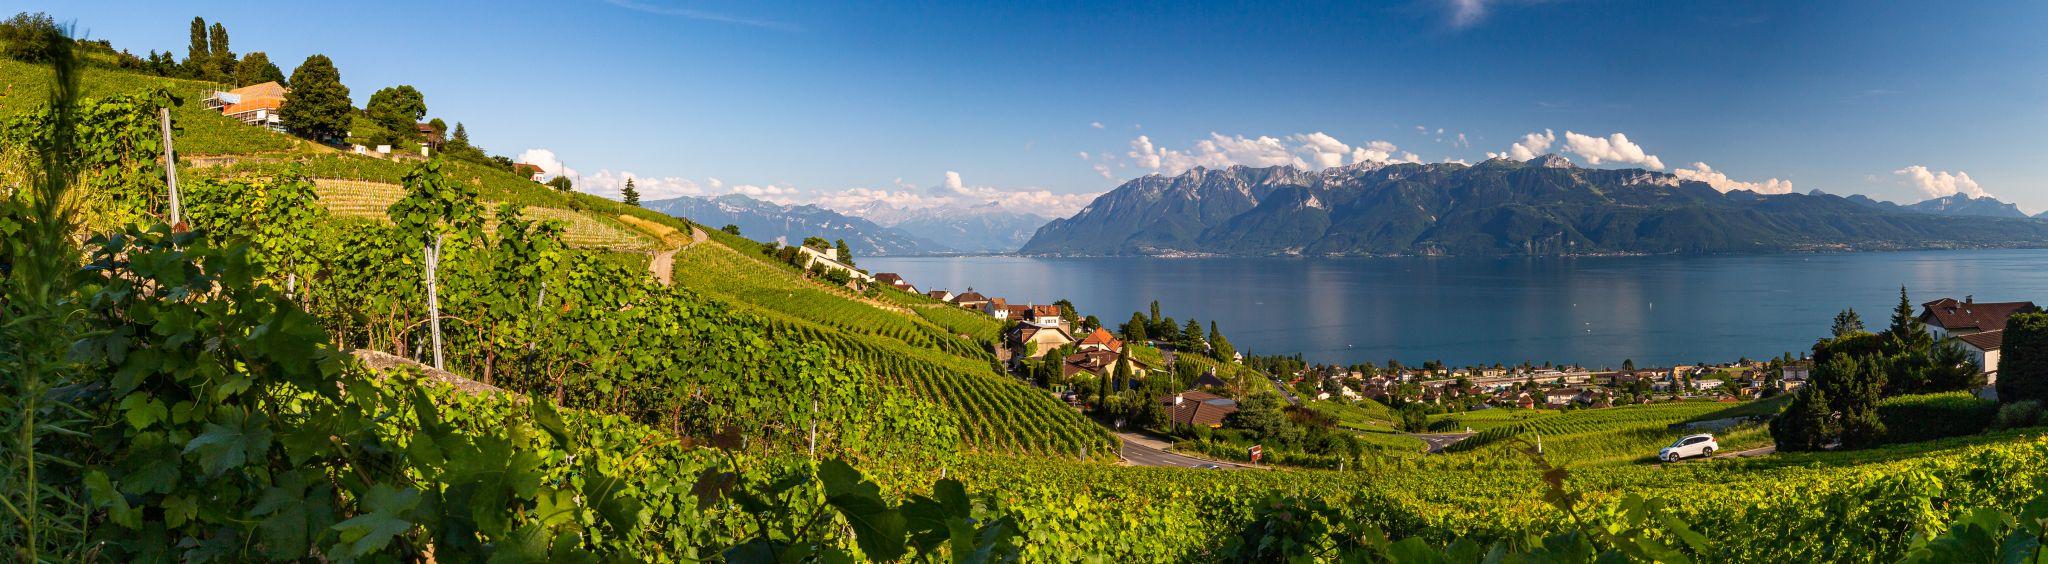 Lavaux panorama, Switzerland